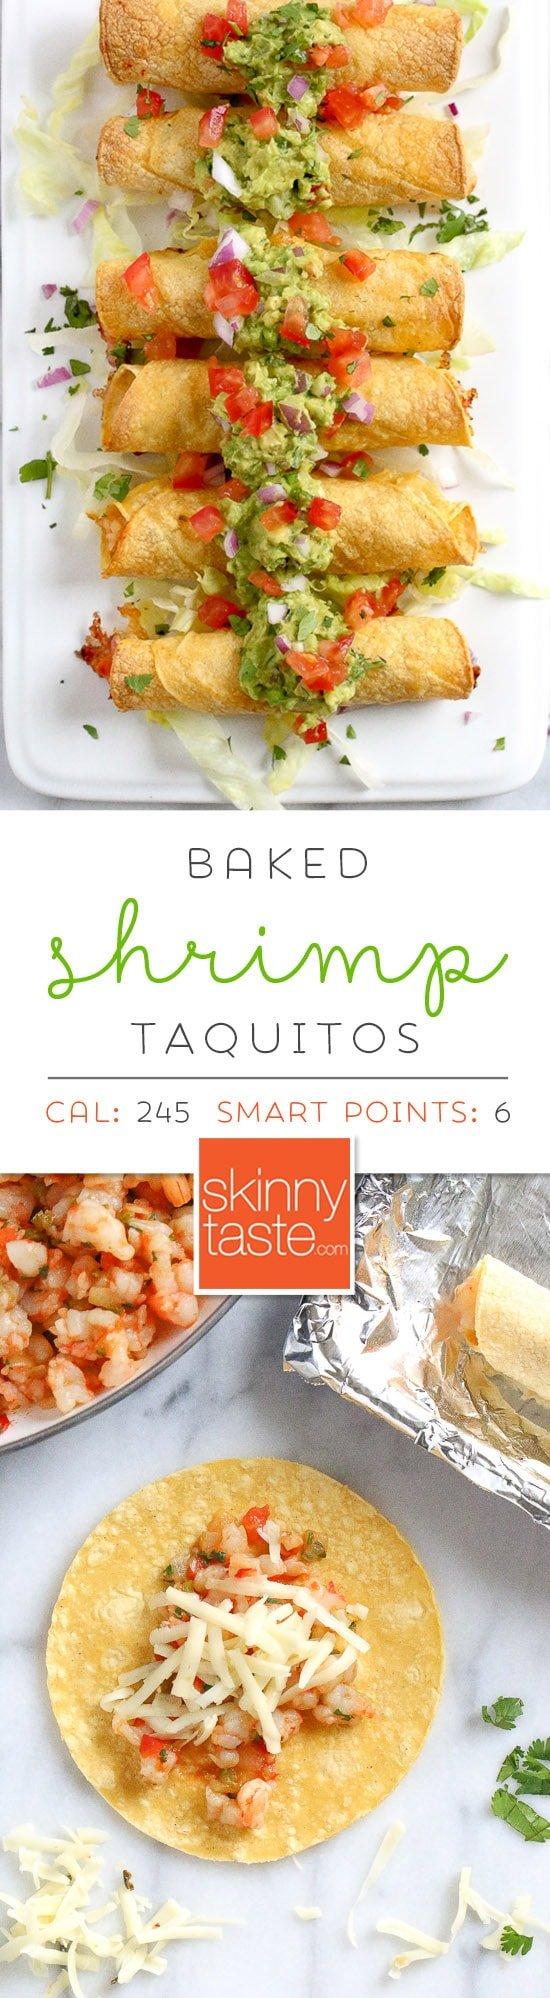 Baked Shrimp Taquitos